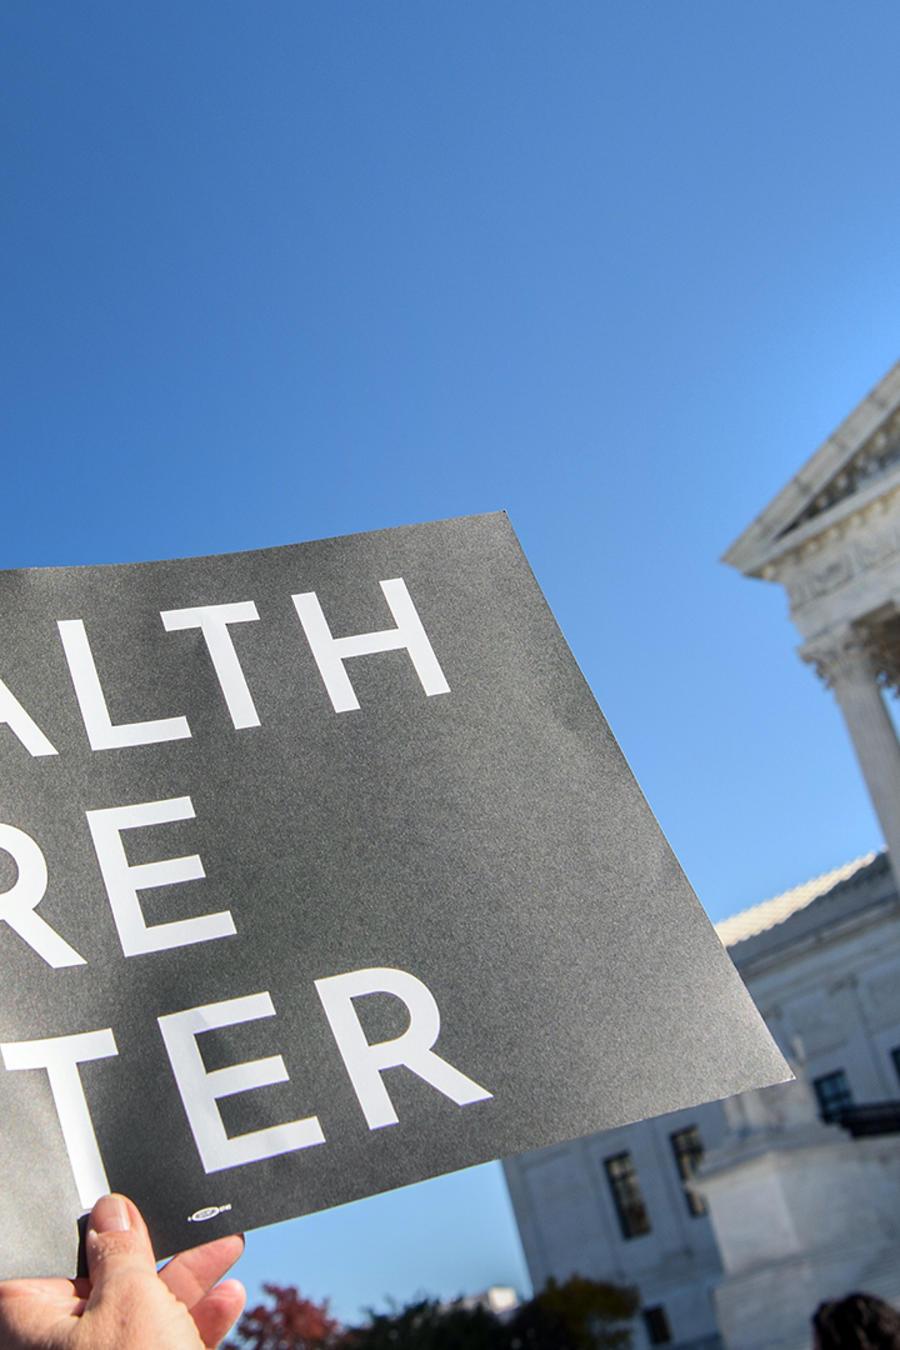 Un manifestante sostiene un cartel frente a la Corte Suprema en Washington, DC, el 10 de noviembre de 2020, cuando el Tribunal Superior abrió argumentos en el caso de larga data sobre la constitucionalidad de la Ley del Cuidado de Salud a Bajo Precio de 2